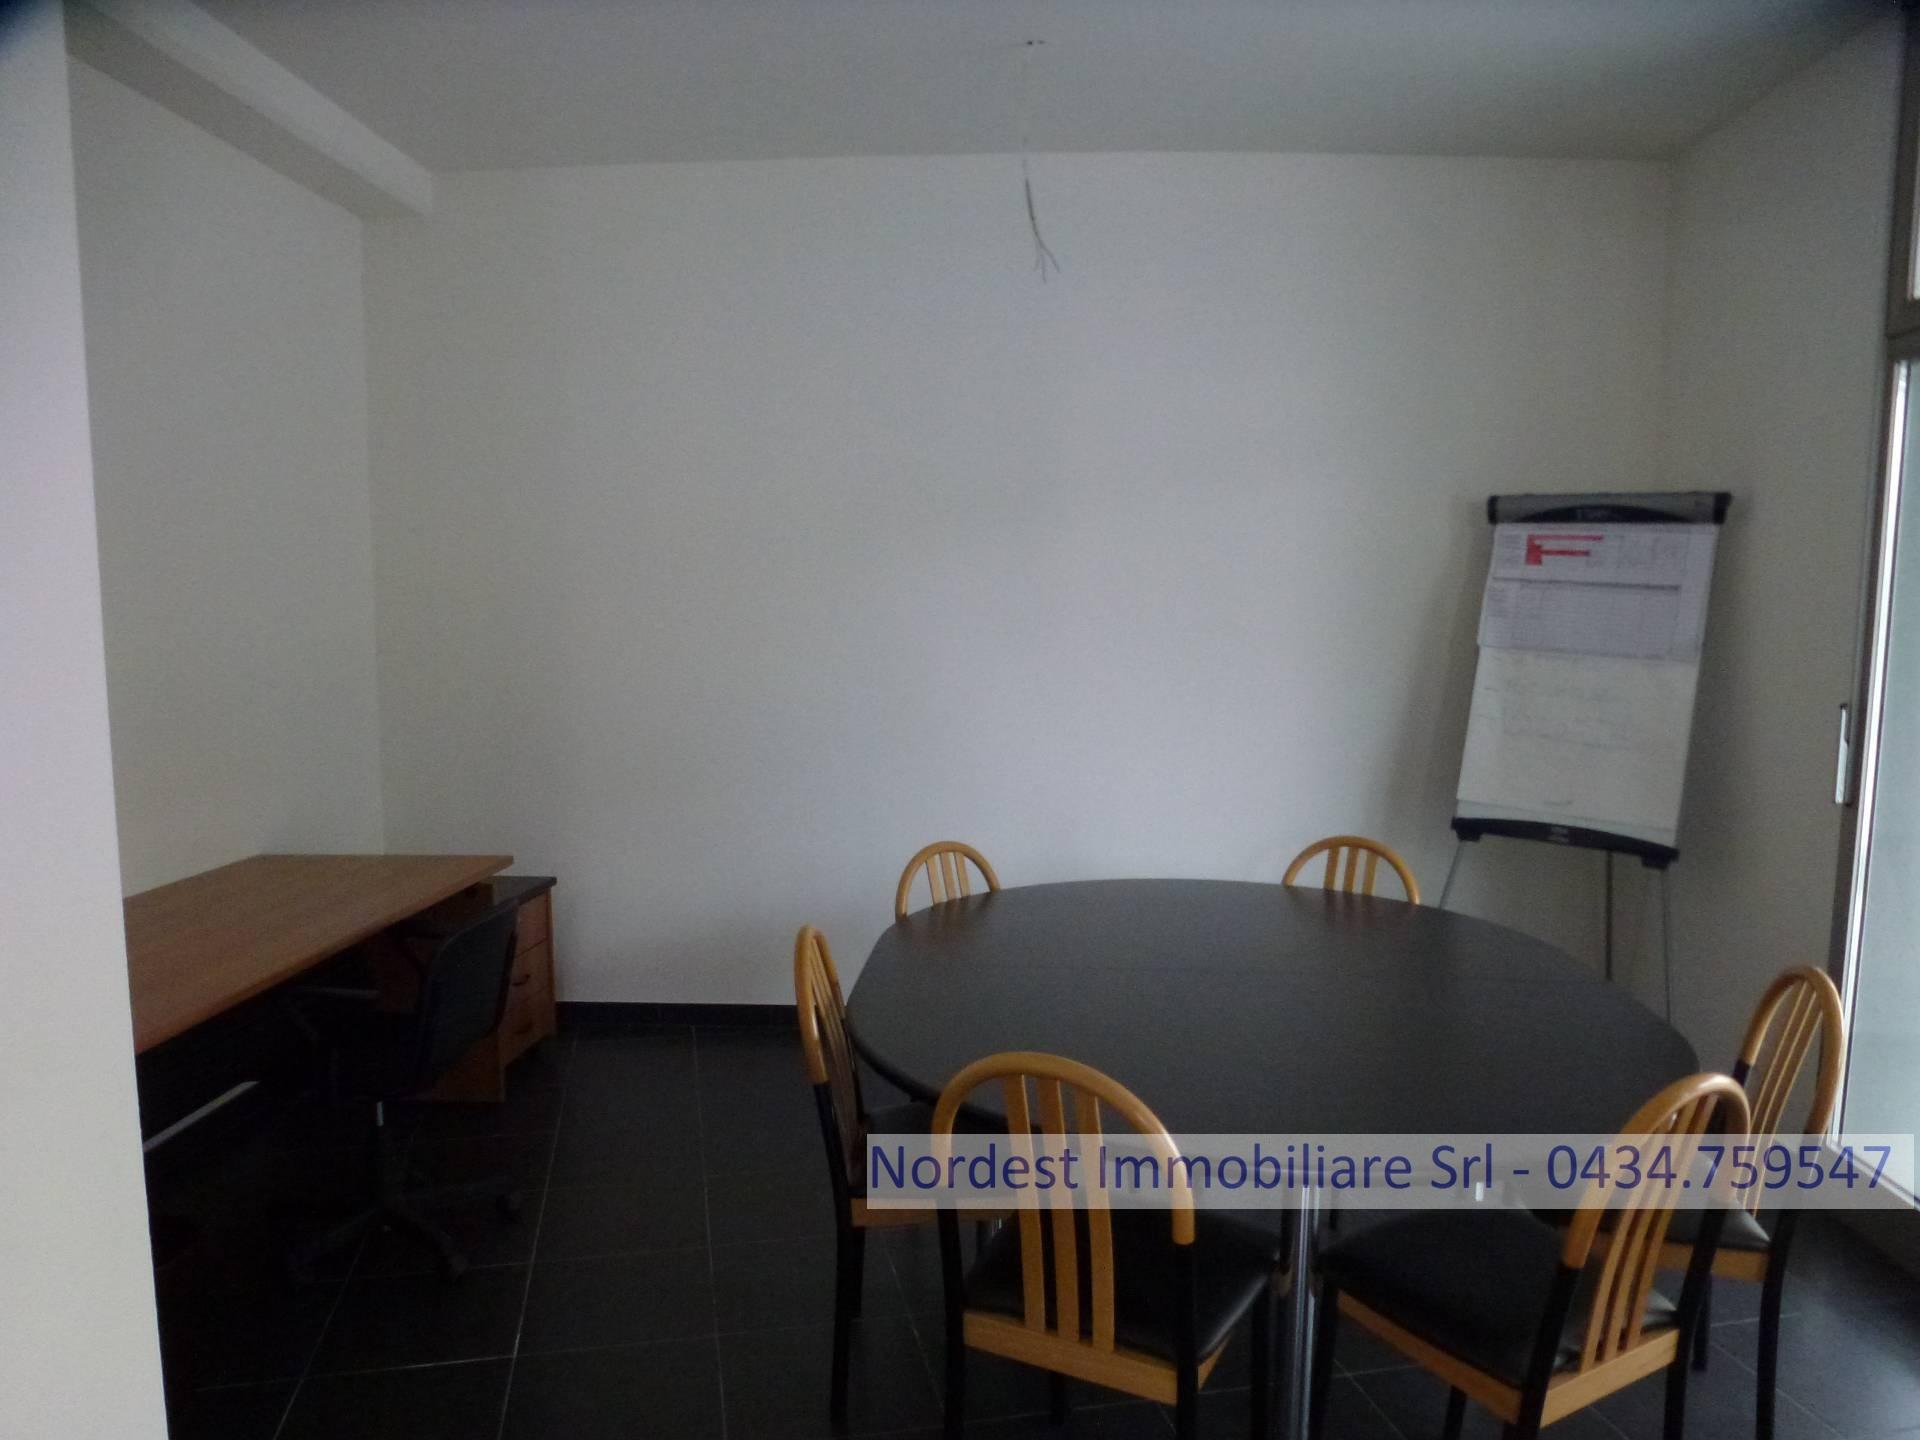 Ufficio / Studio in affitto a Mansuè, 9999 locali, prezzo € 50.000 | CambioCasa.it